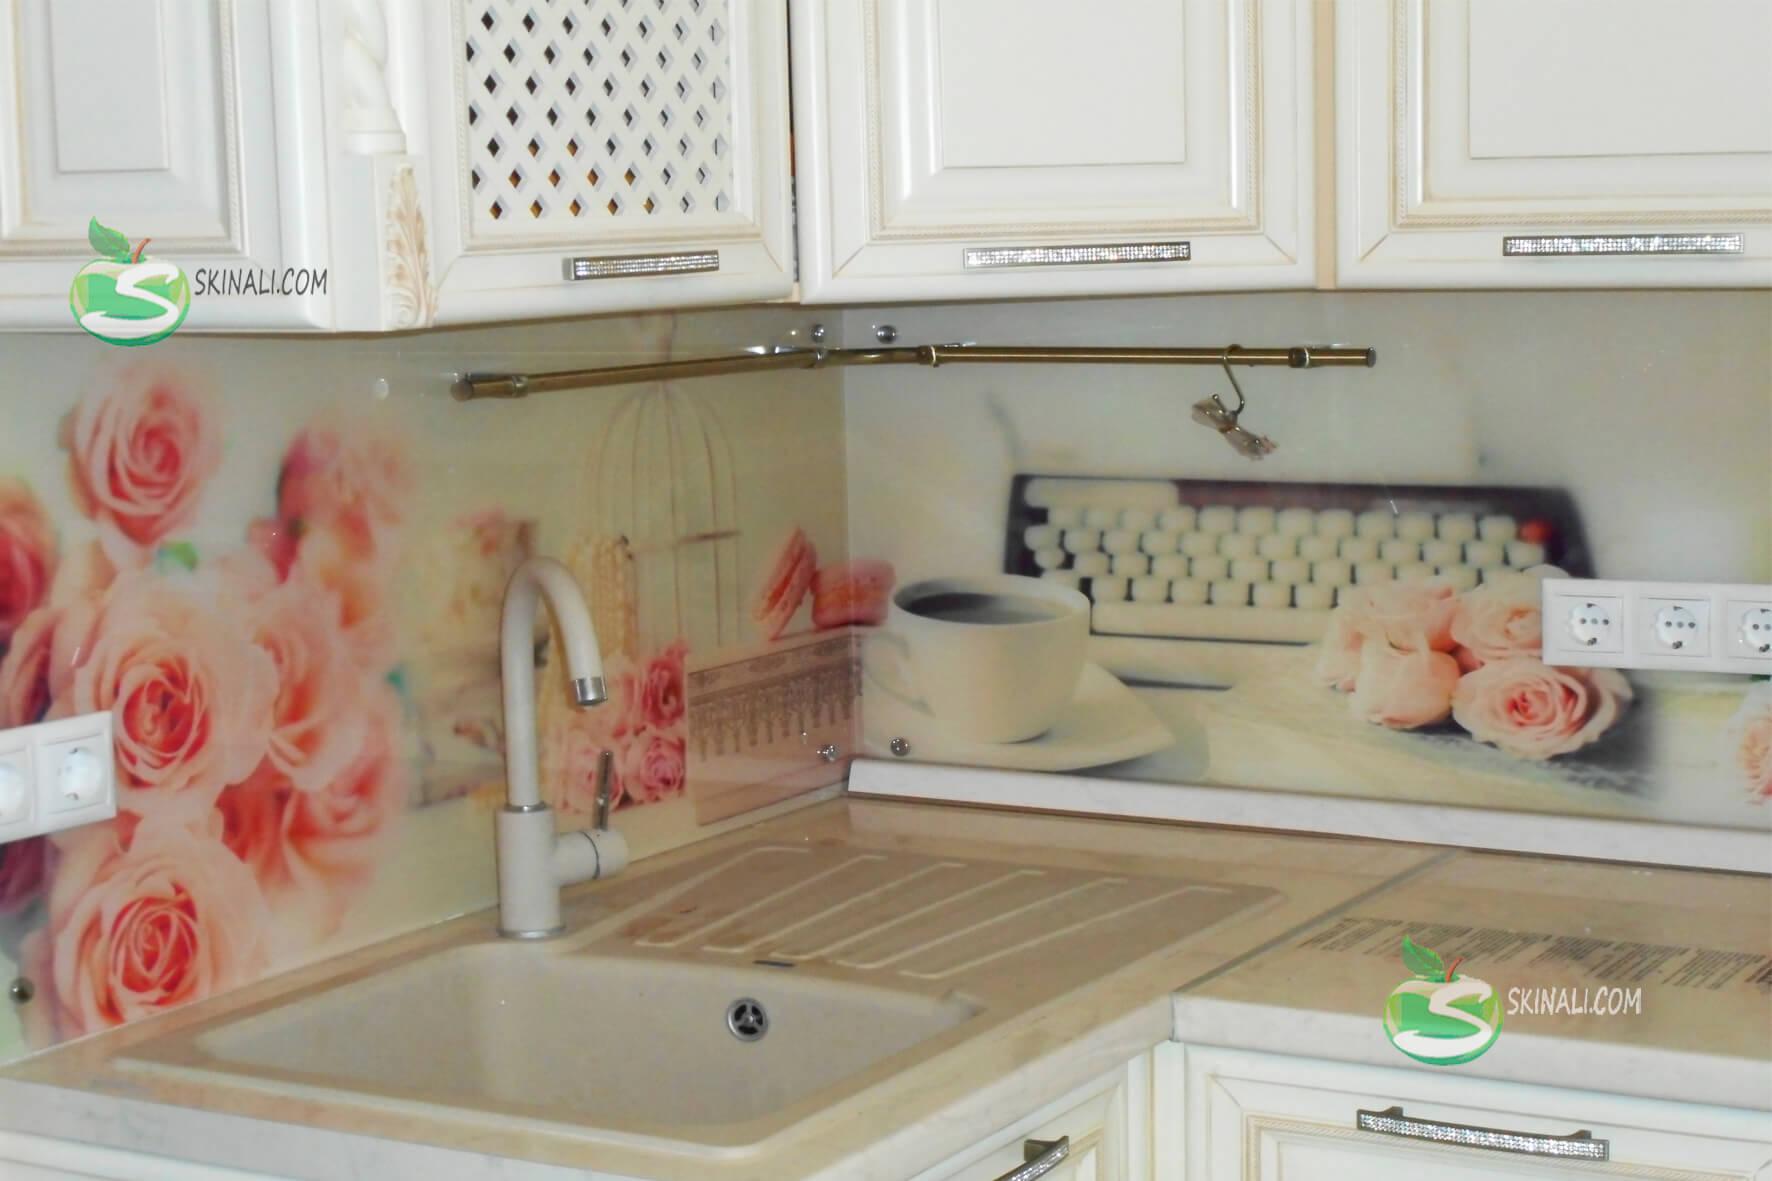 Цвета фартуков кухонных гарнитуров